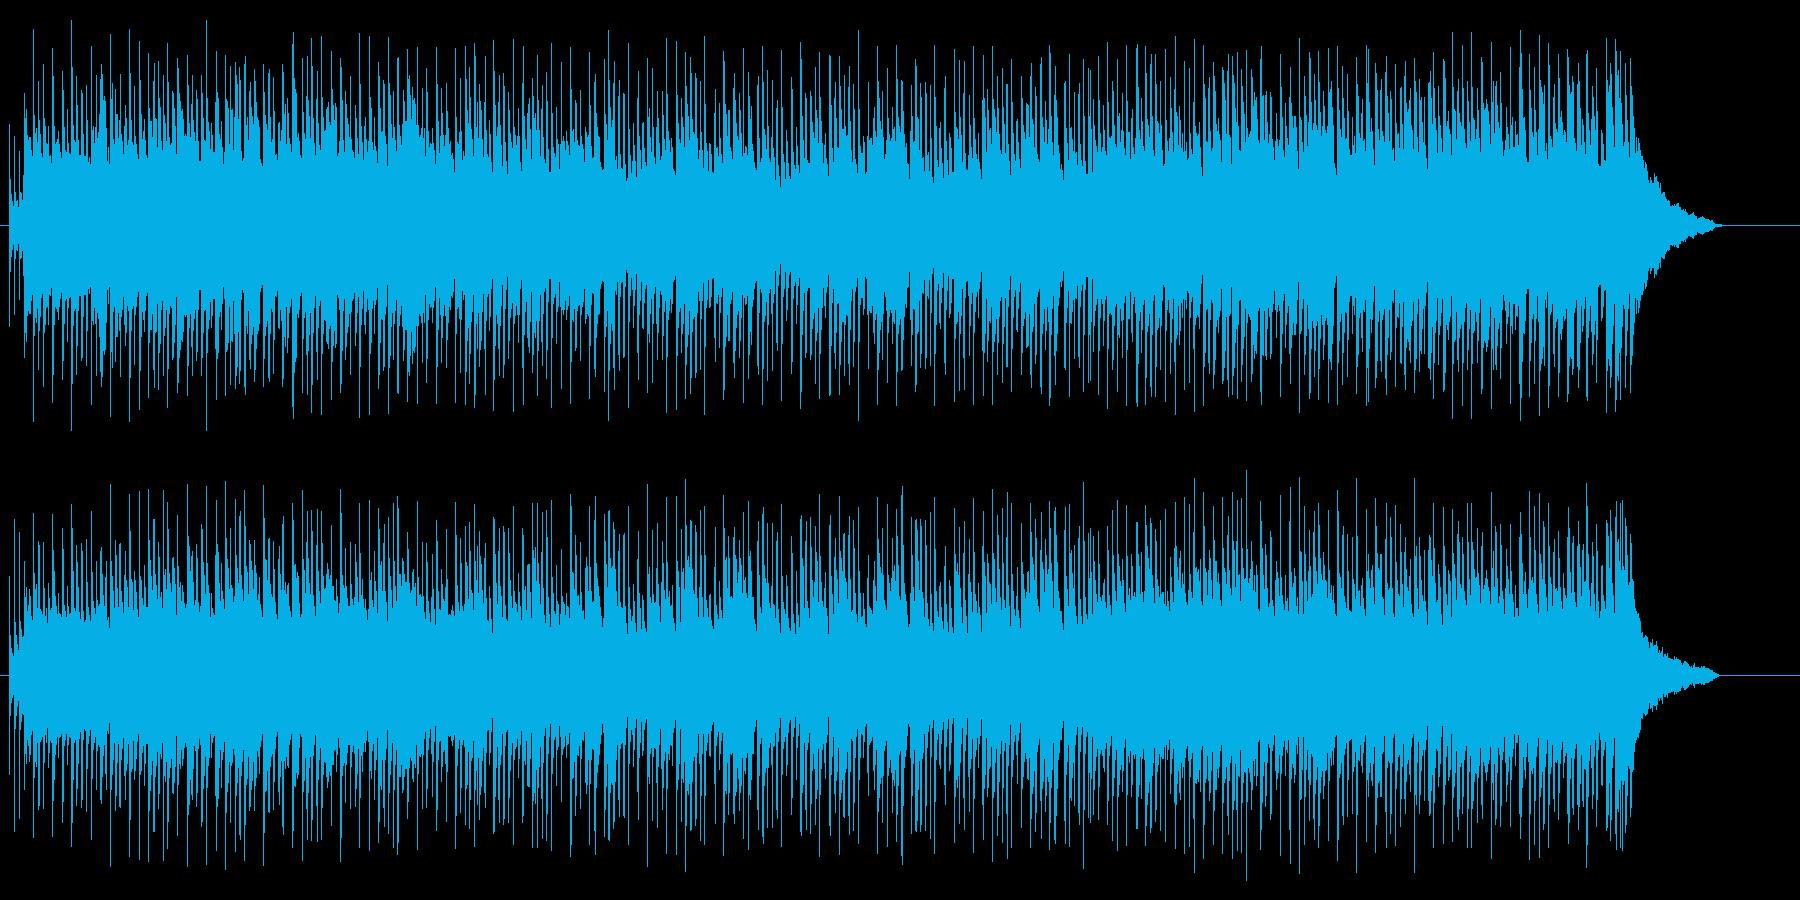 ベルの音色によるポップ/ロックの再生済みの波形